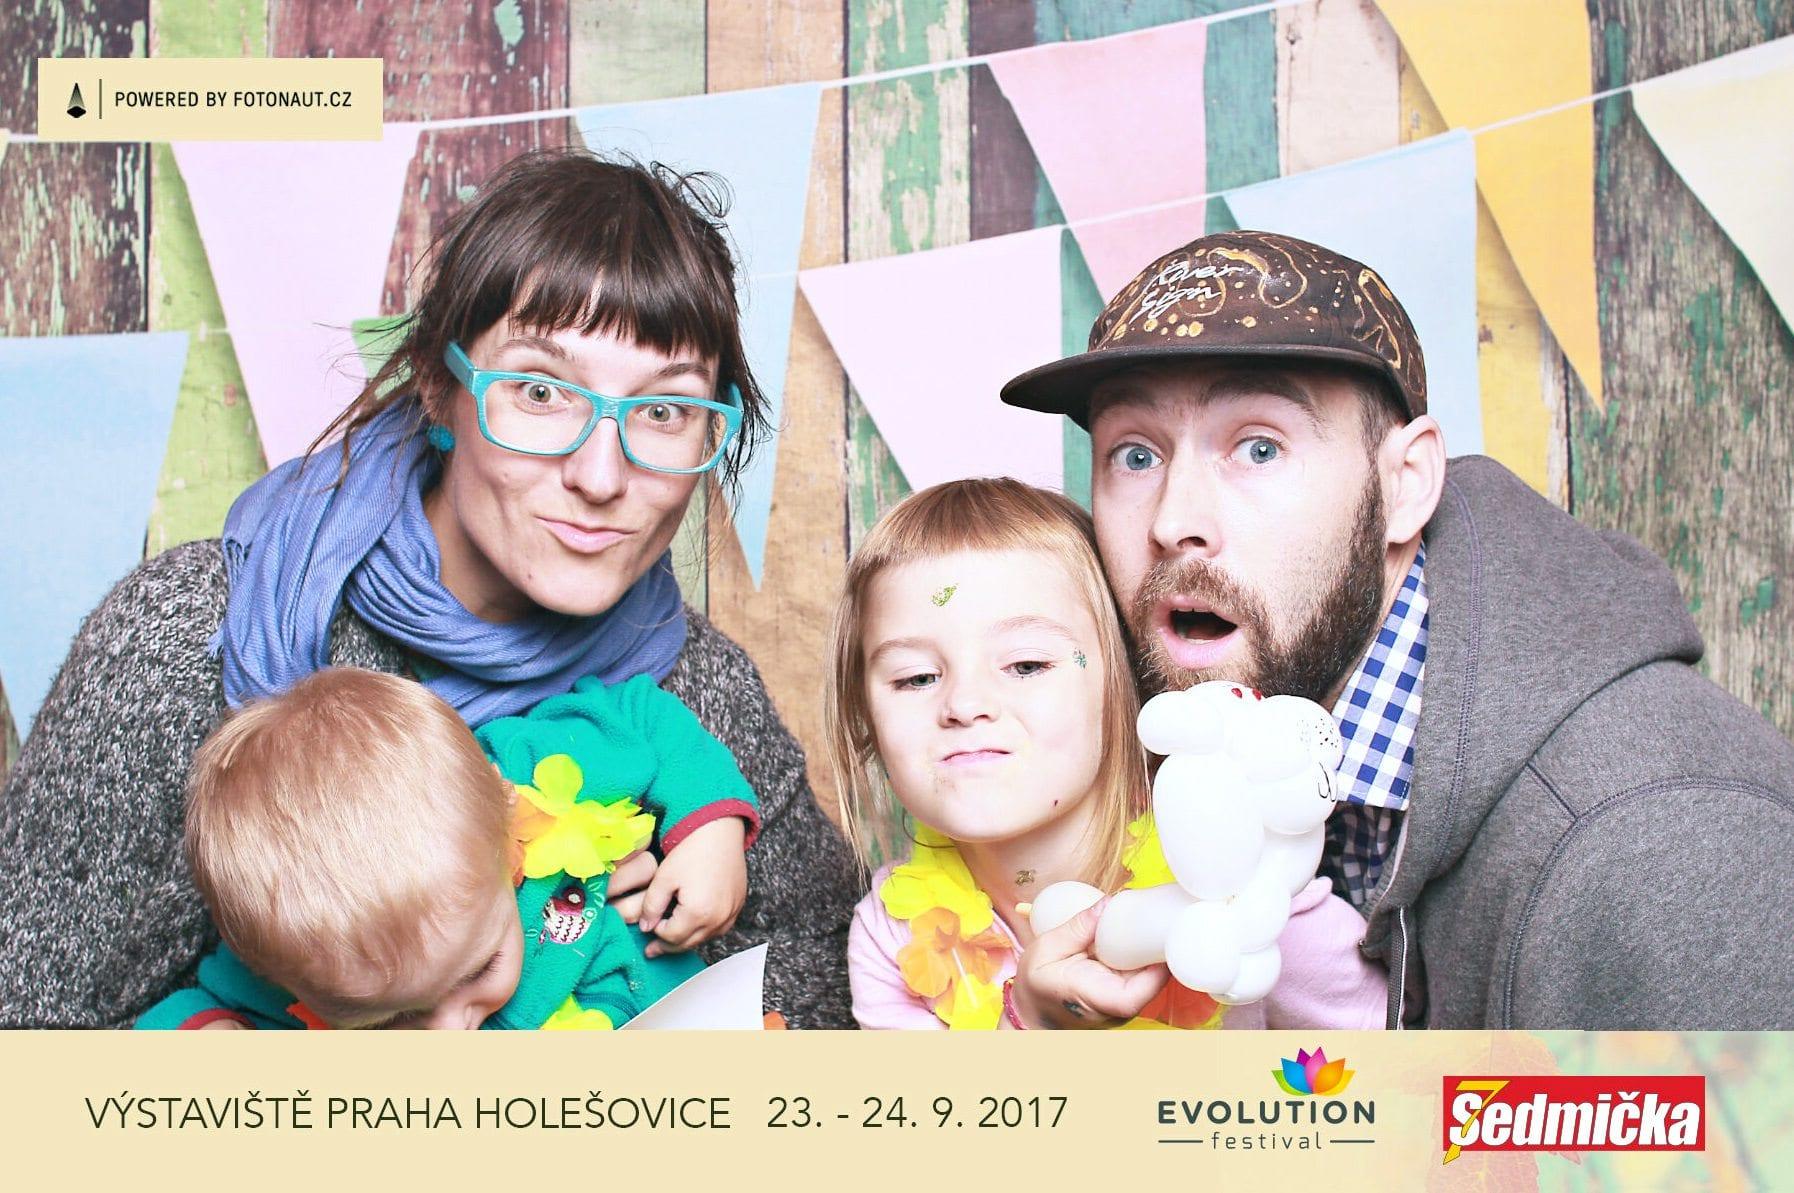 fotokoutek-evolution-festival-24-9-2017-318257